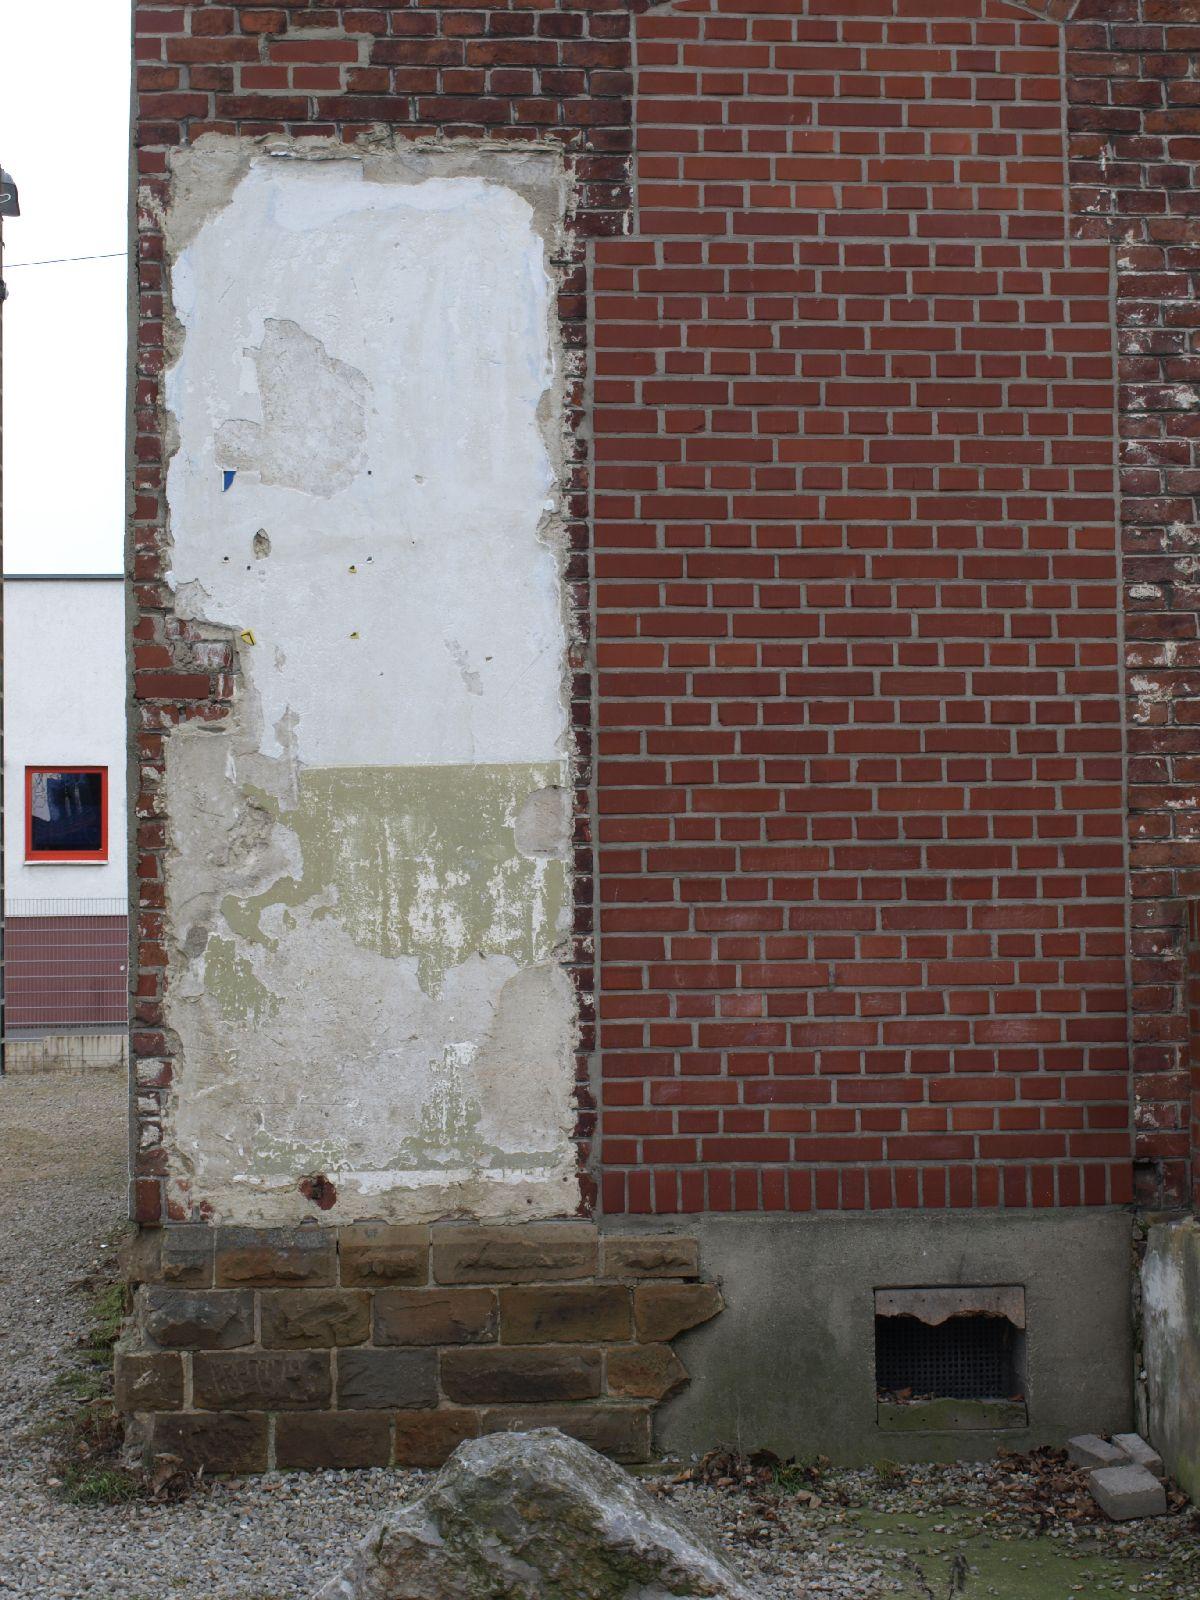 Building_Texture_A_P2010359